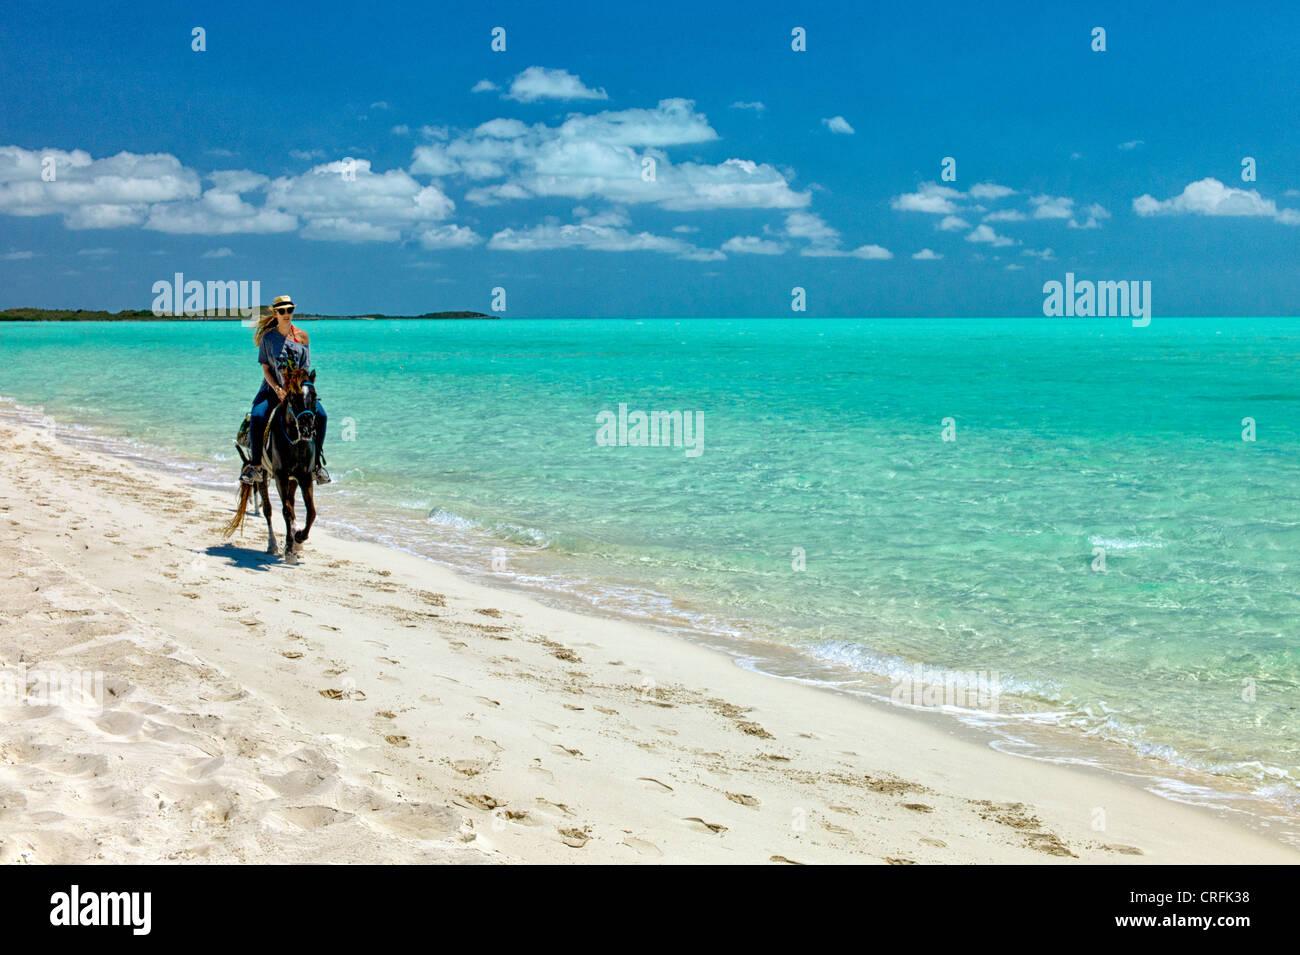 Troting montando a caballo en la playa. Providenciales. Las Islas Turcas y Caicos. Imagen De Stock